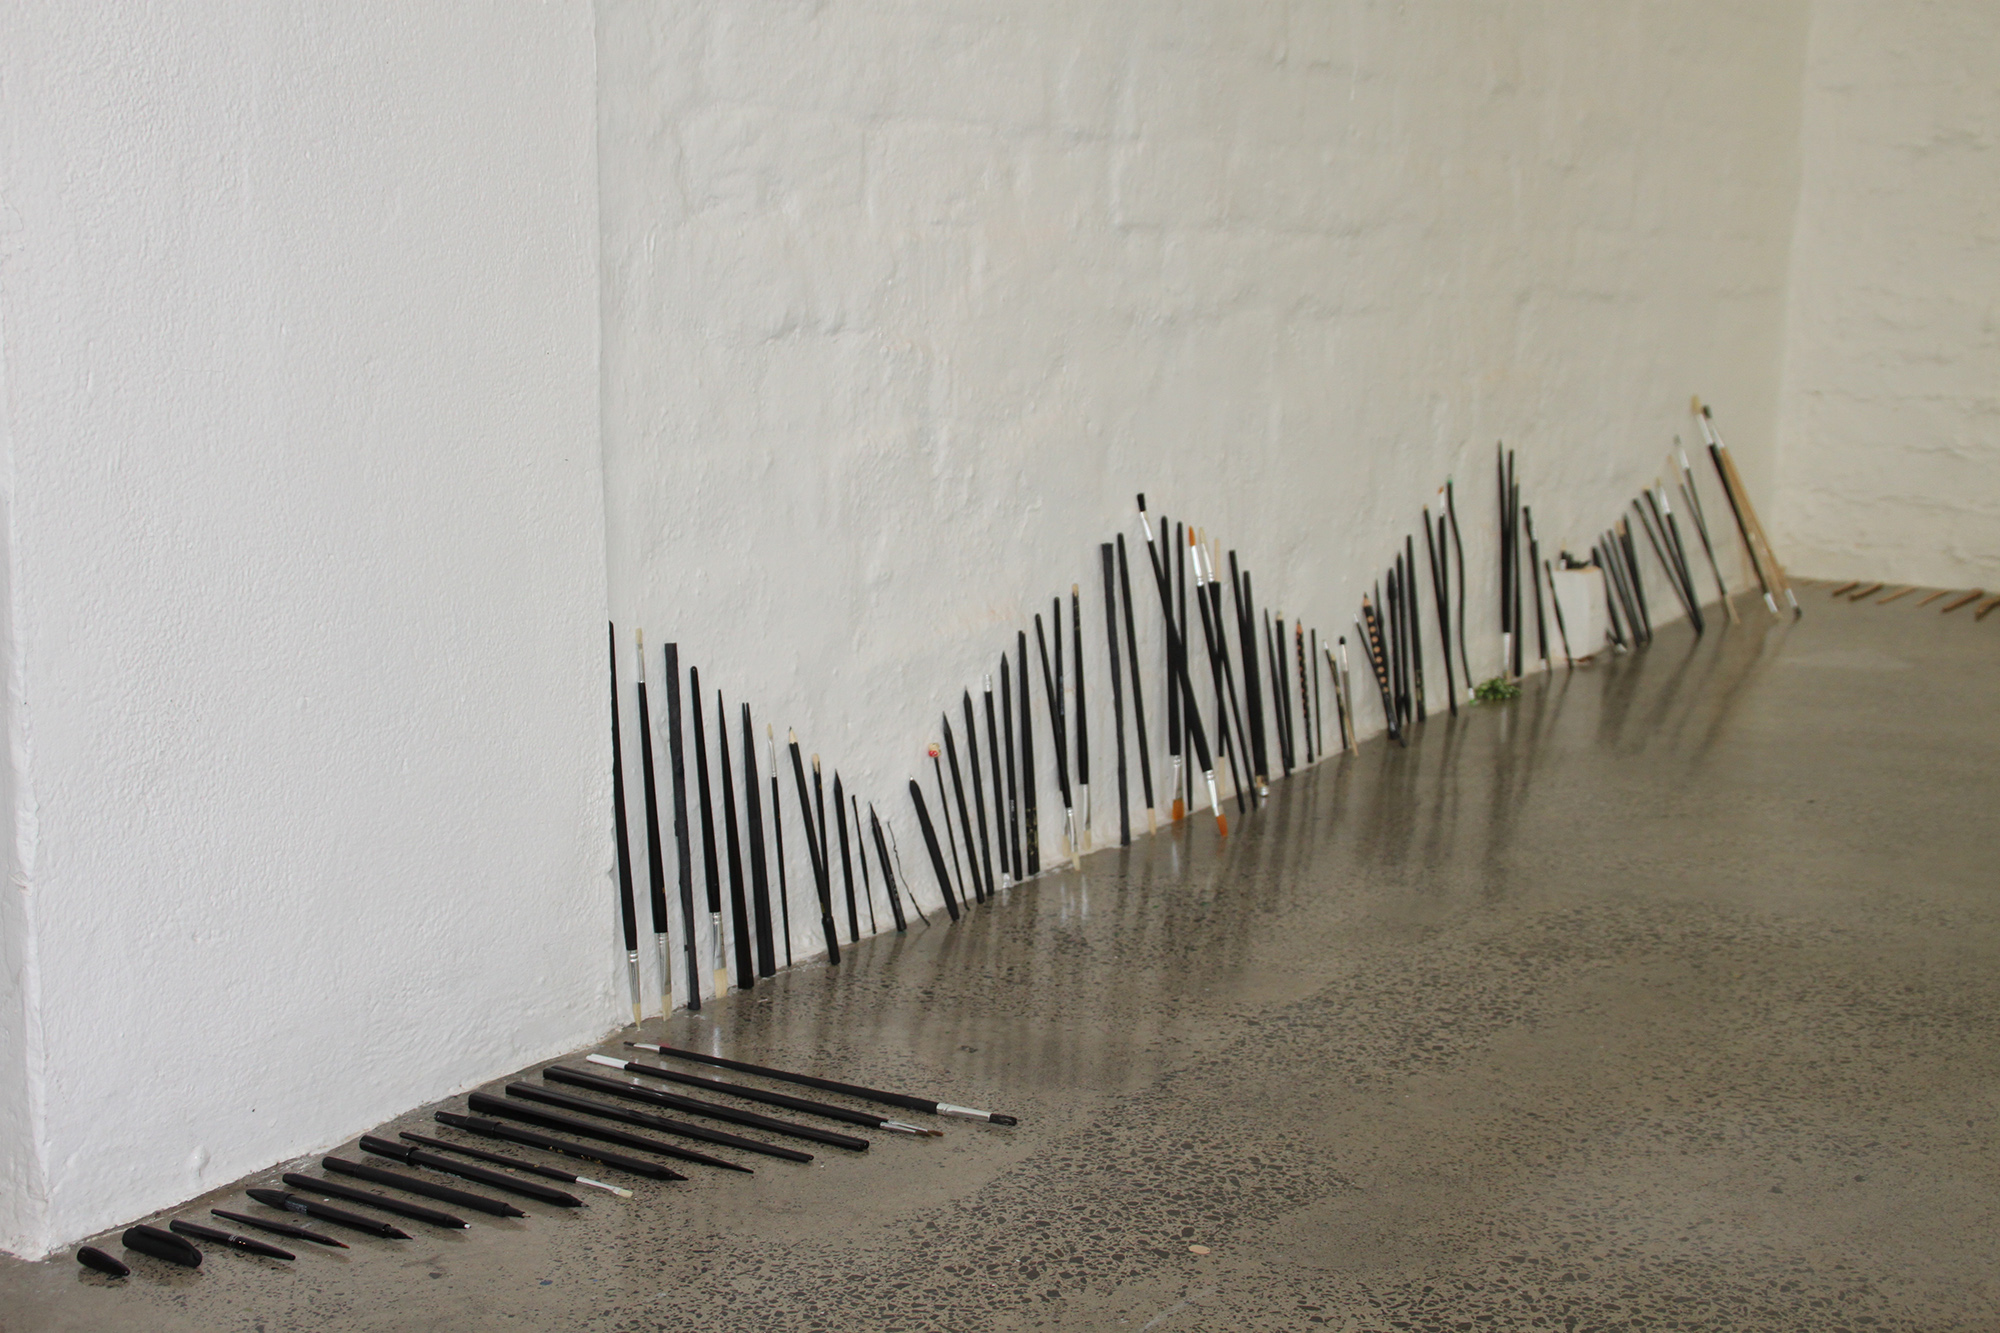 이다슬, Installation view, 2015